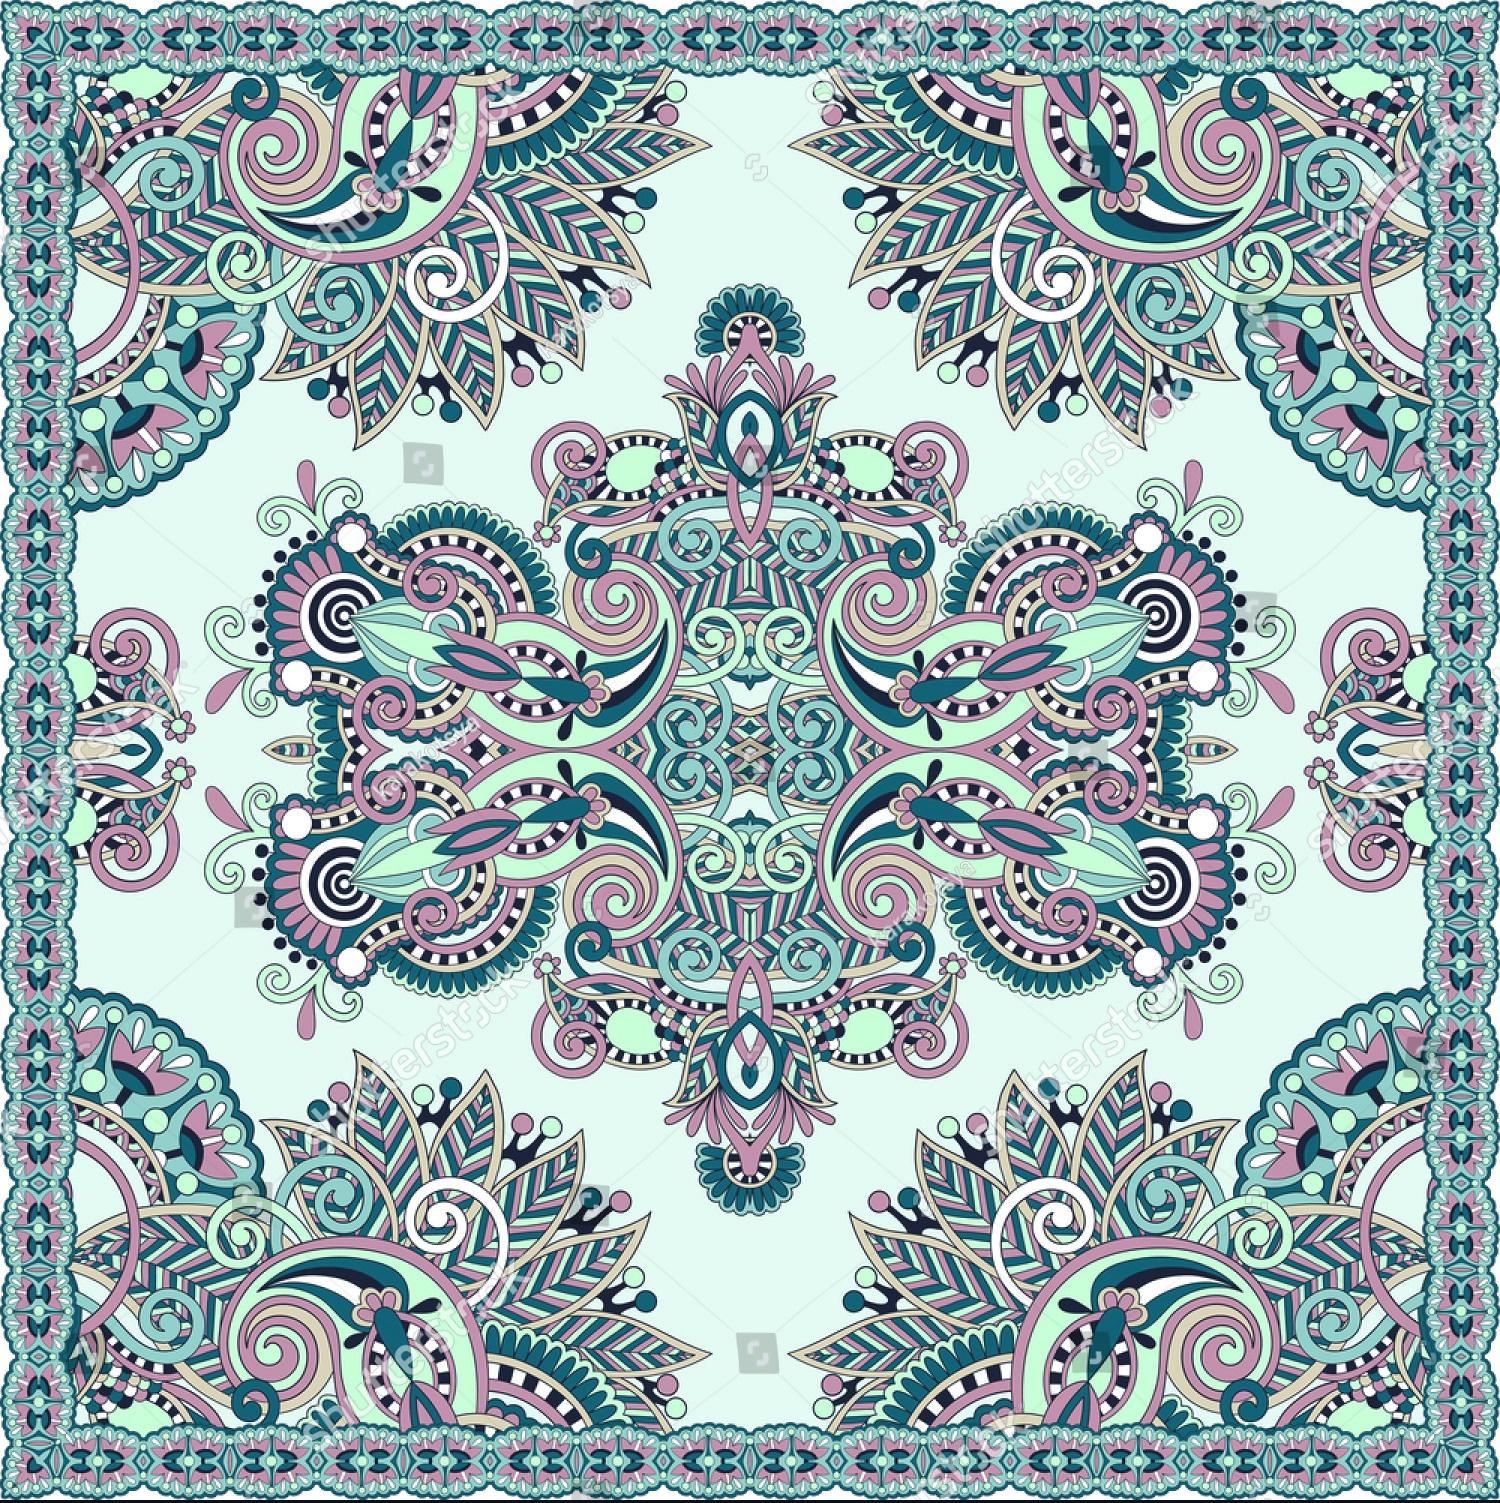 Klebe-Teppiche Quadratisch